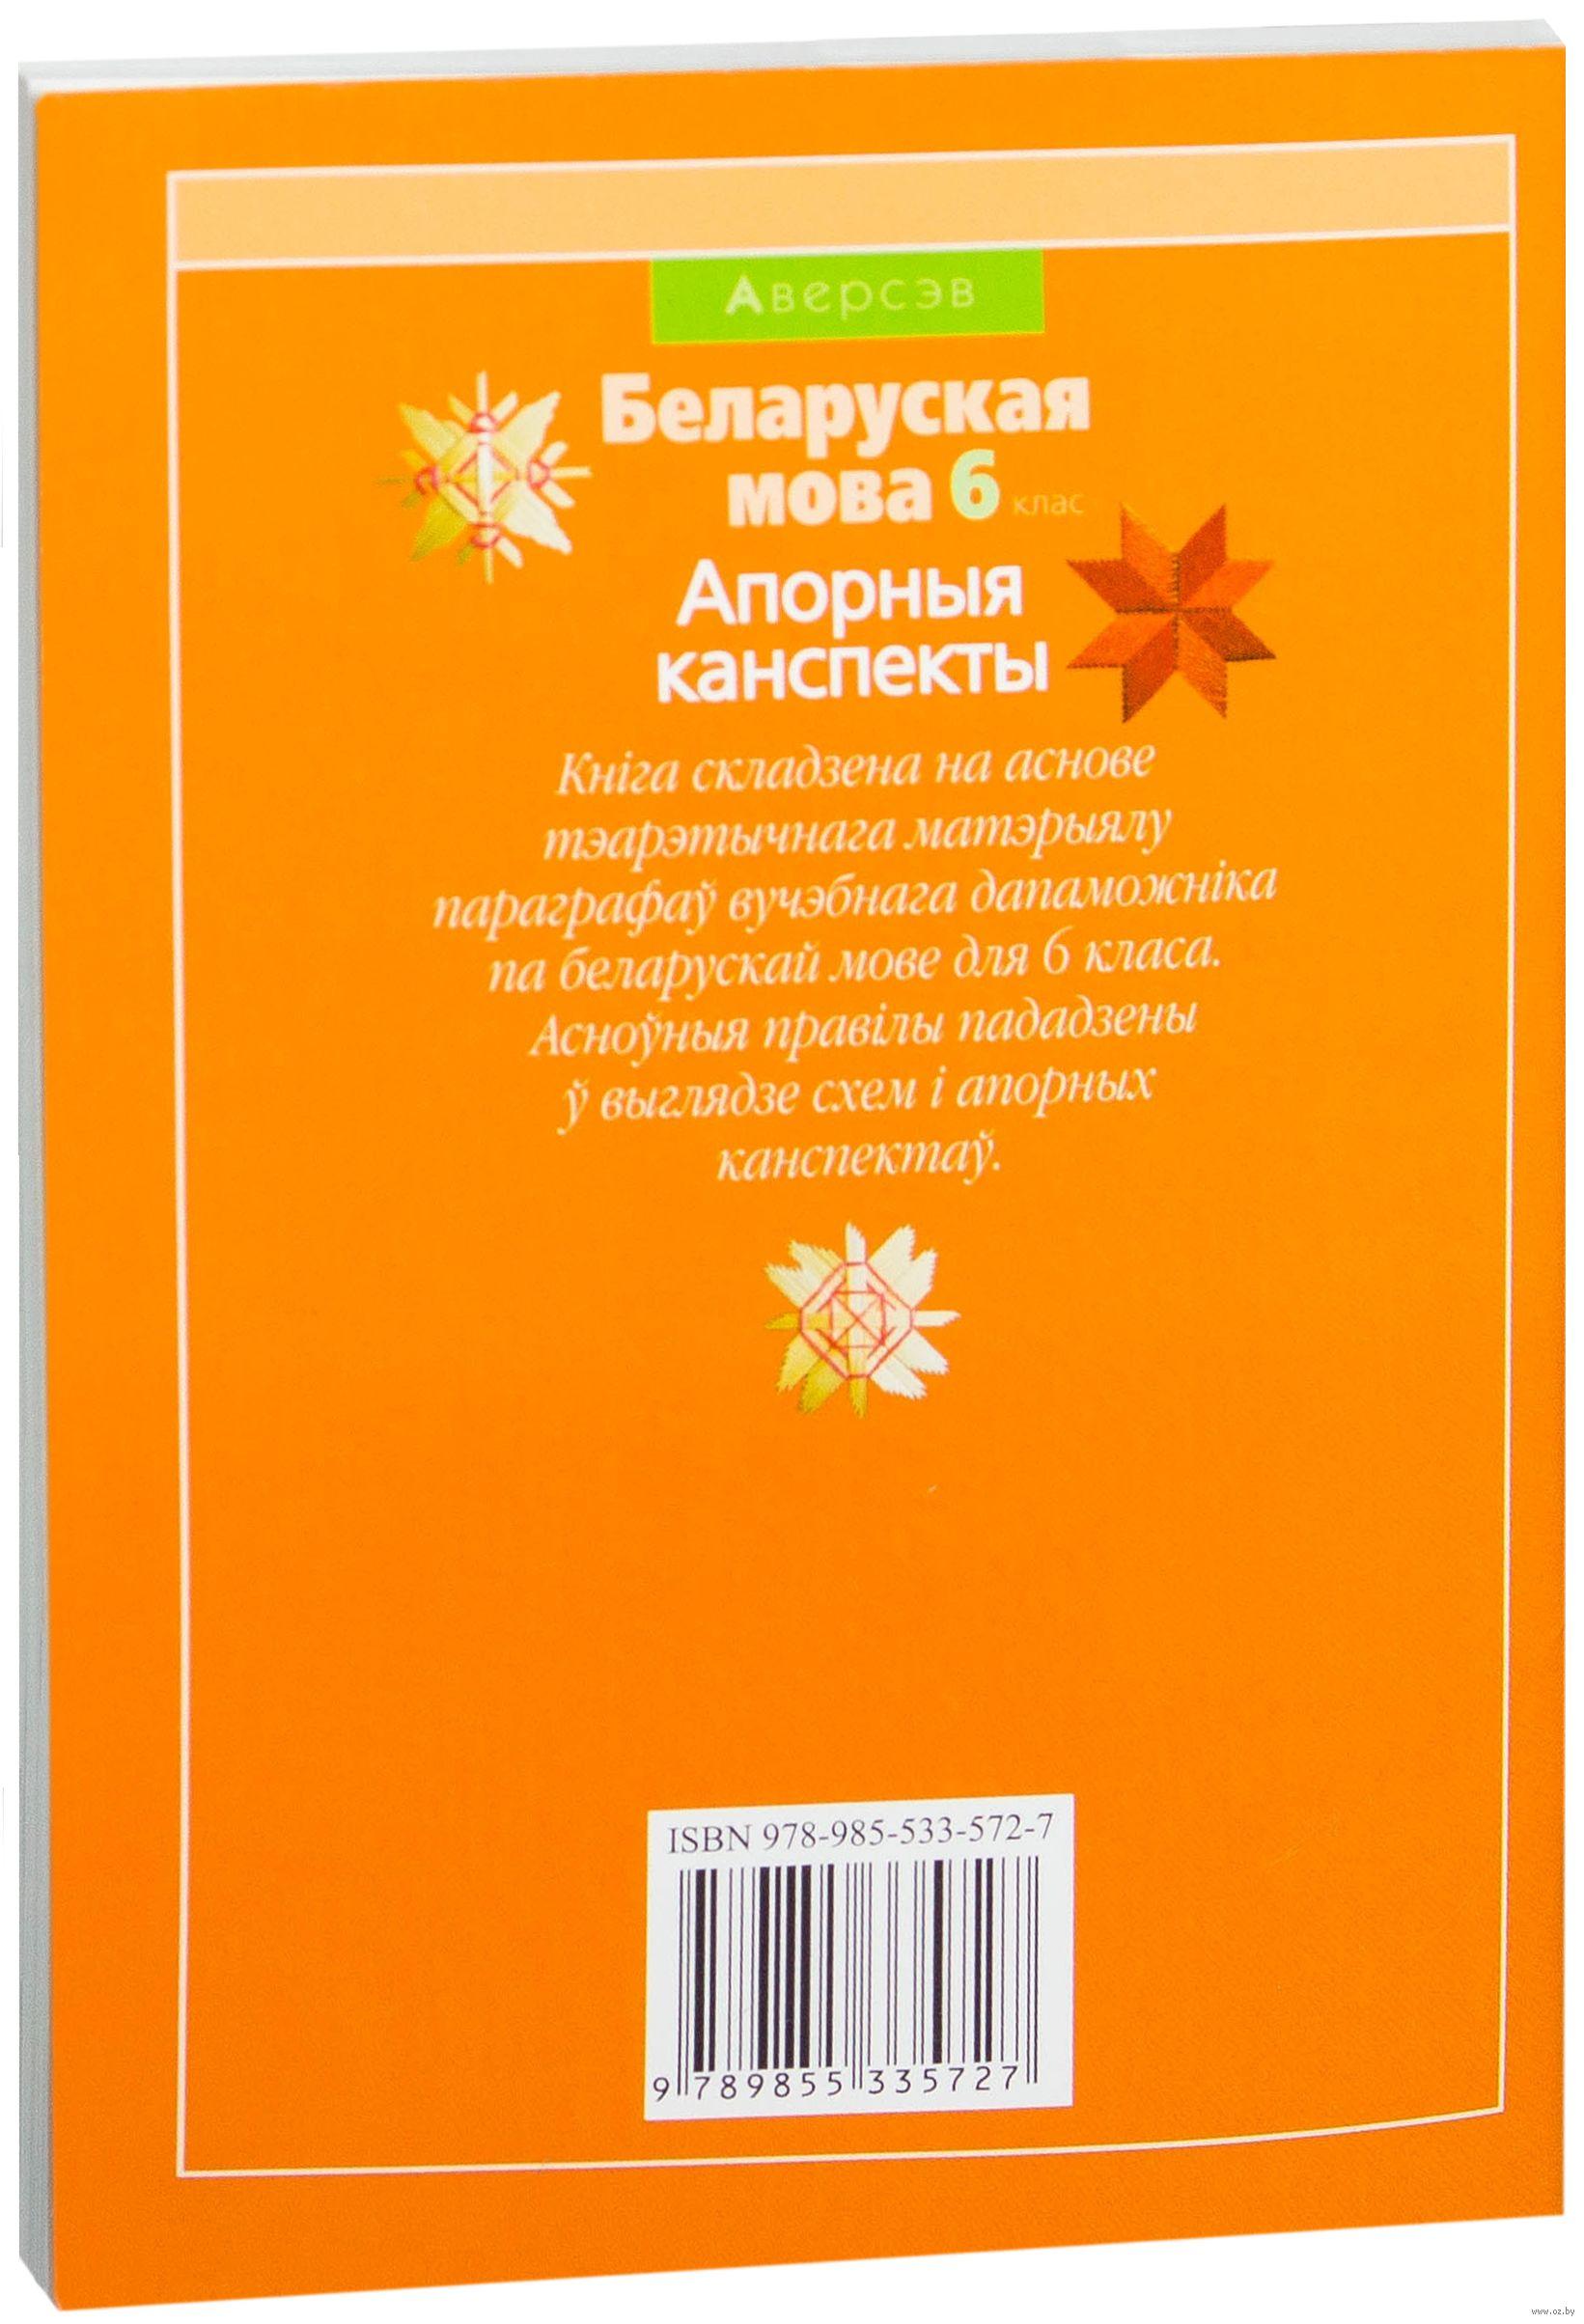 Беларуская мова 6 клас апорные канспекты